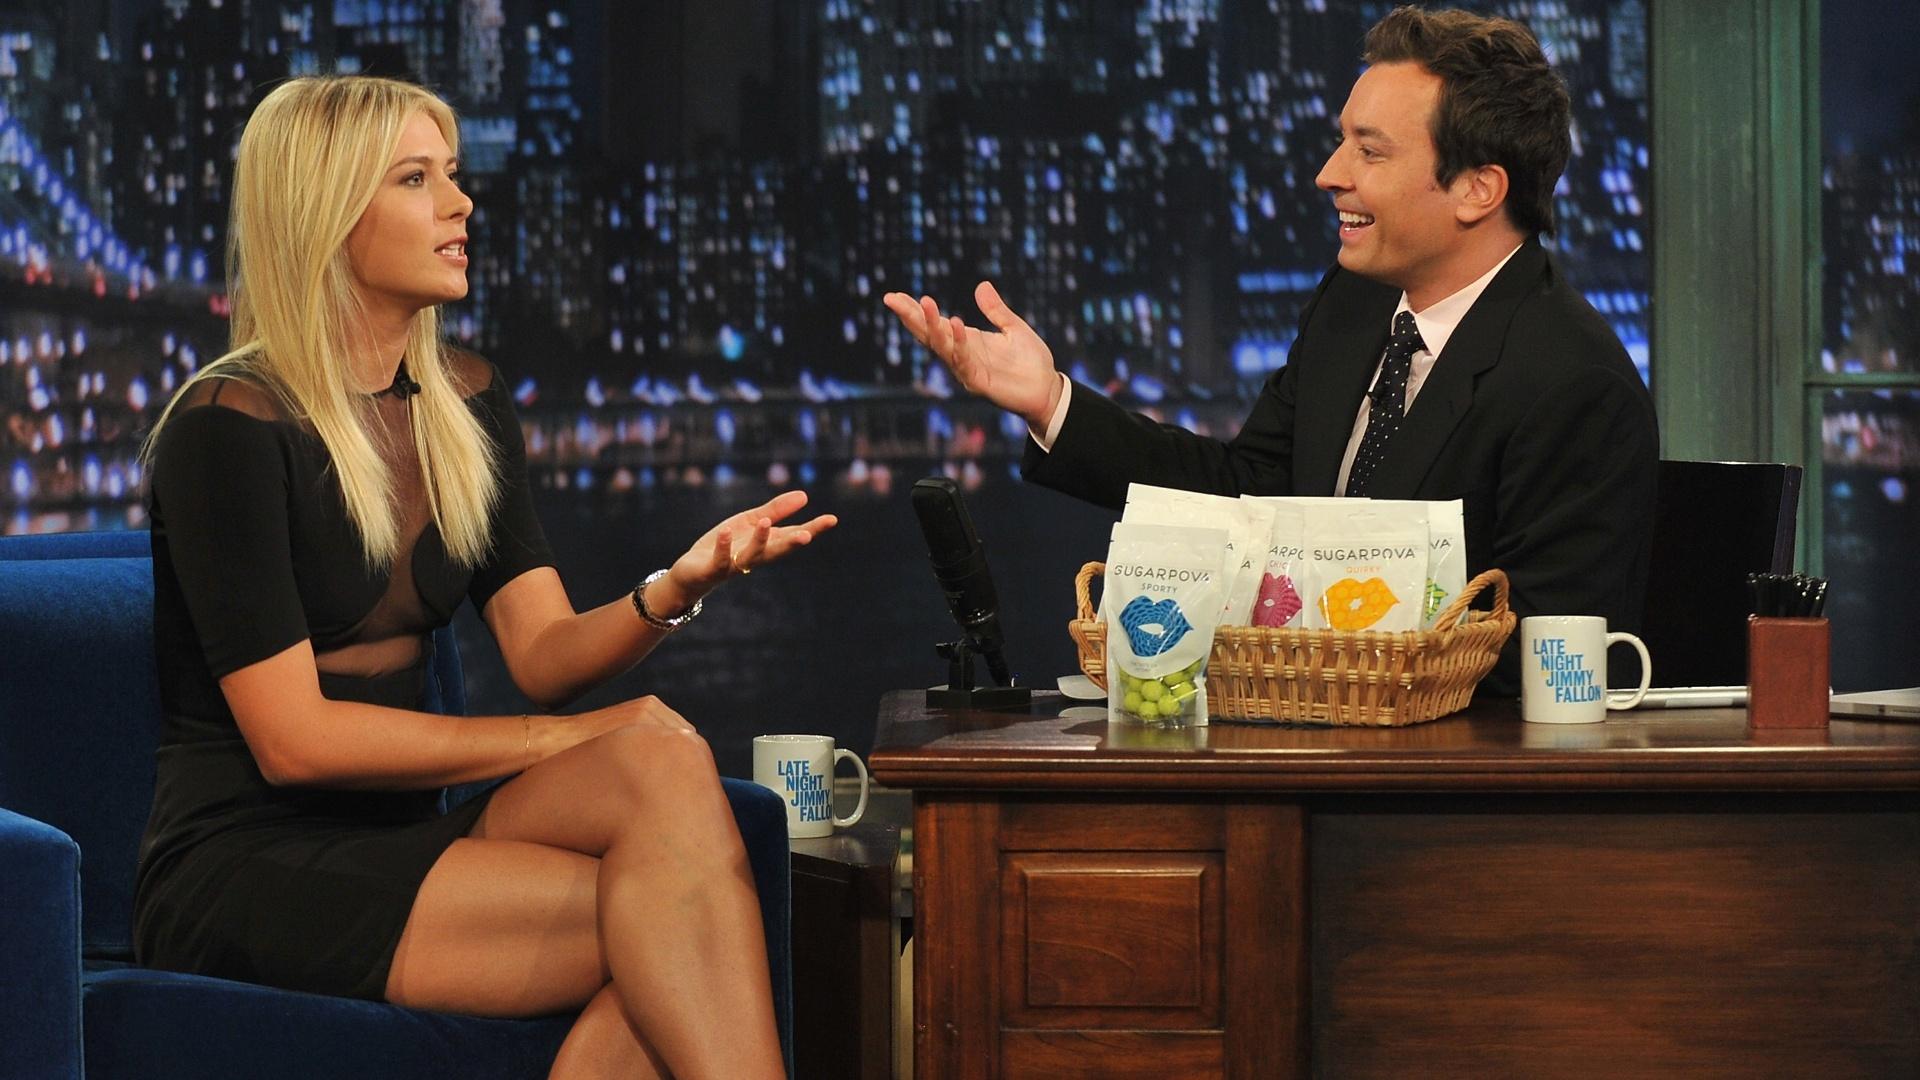 Tenista russa Maria Sharapova participa do programa Late Night With Jimmy Fallon para promover sua linha de doces, Sugarpova (20/08/2012)